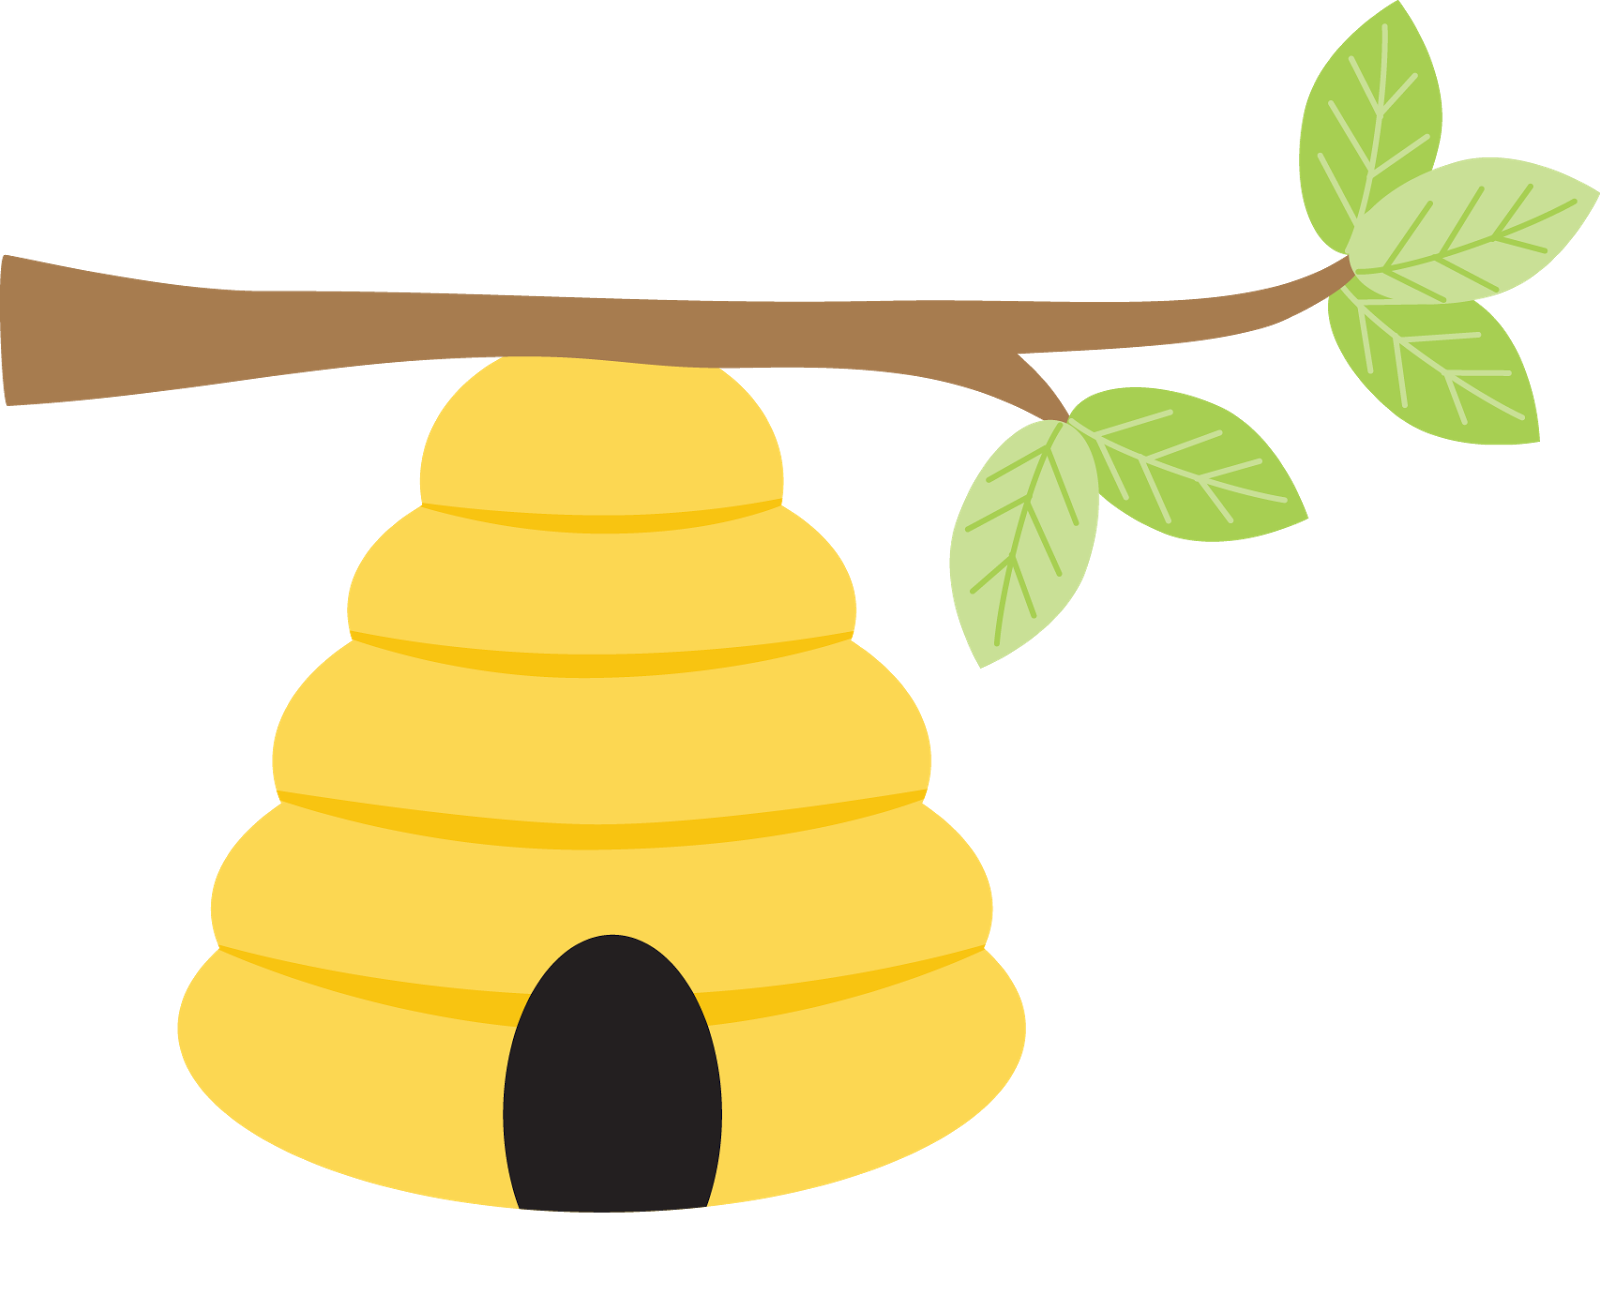 بيت النحل كرتون